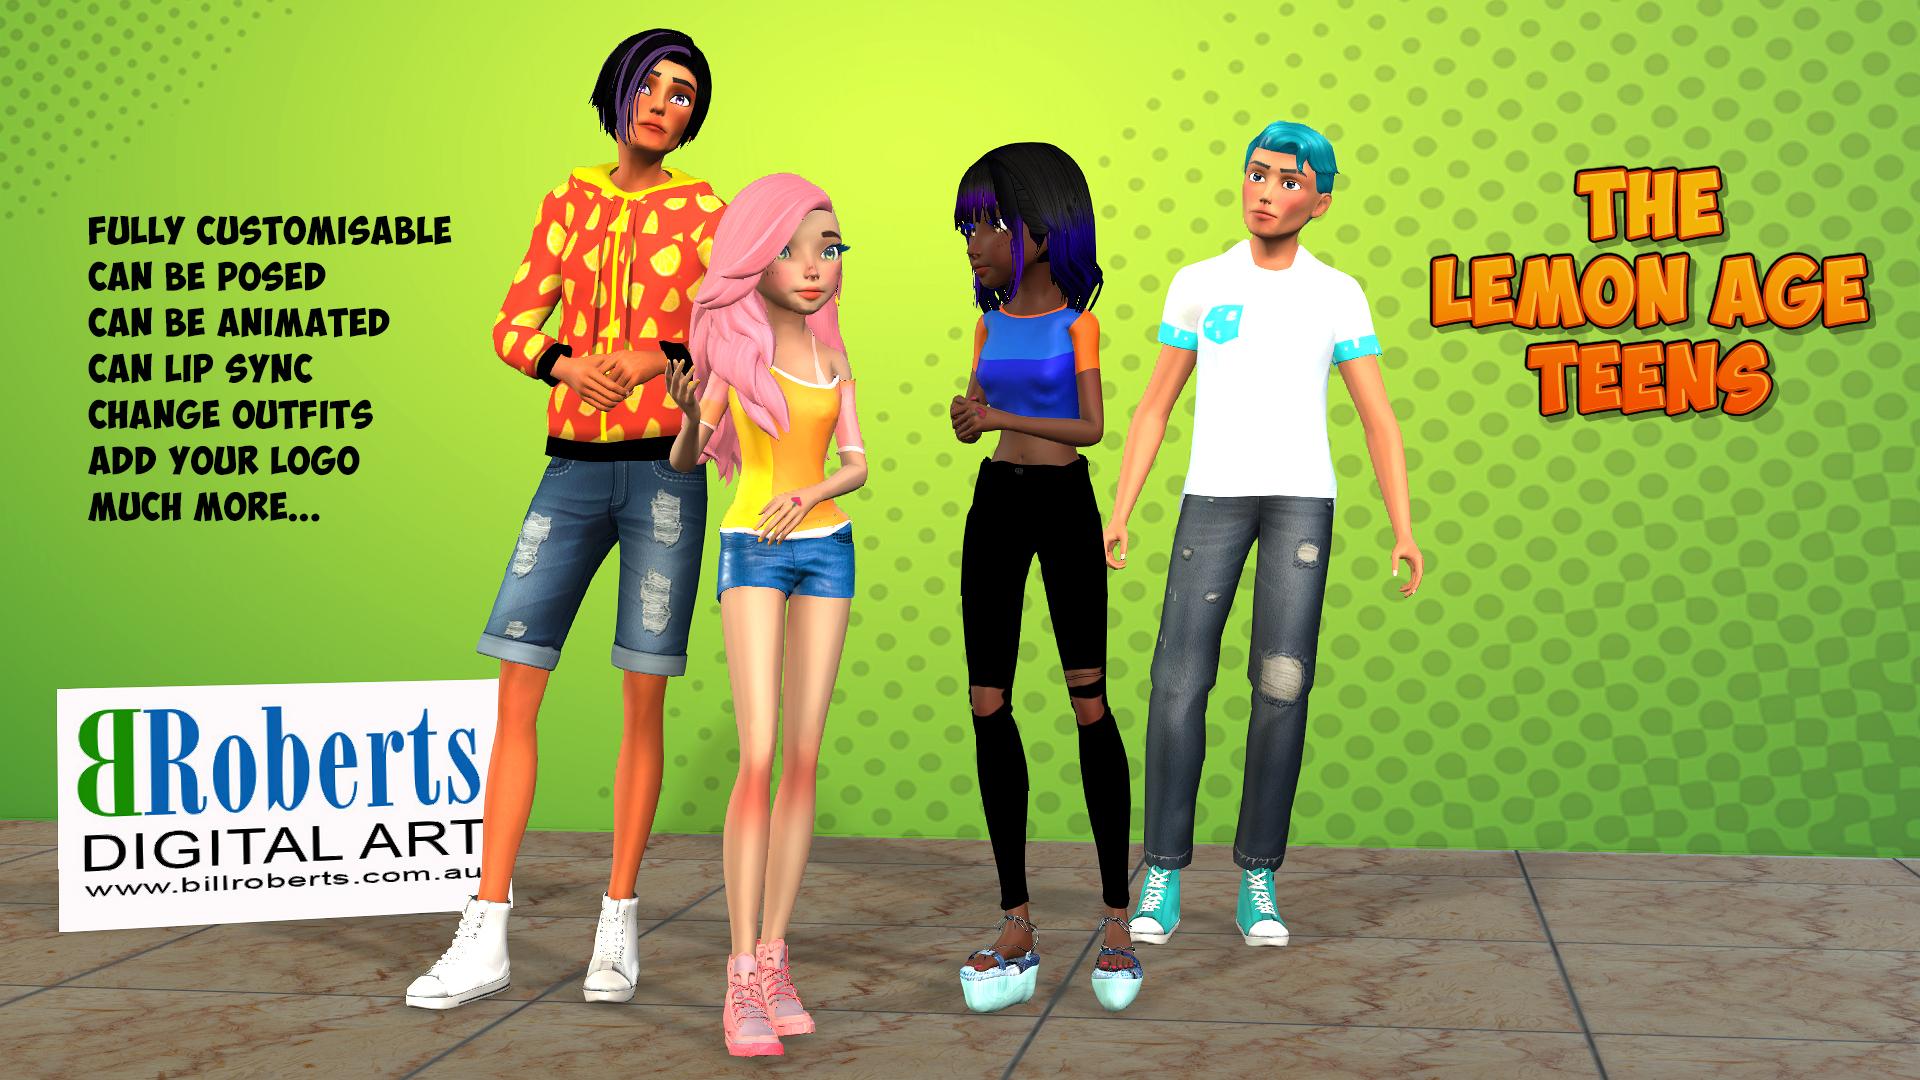 Lemon Age Teens